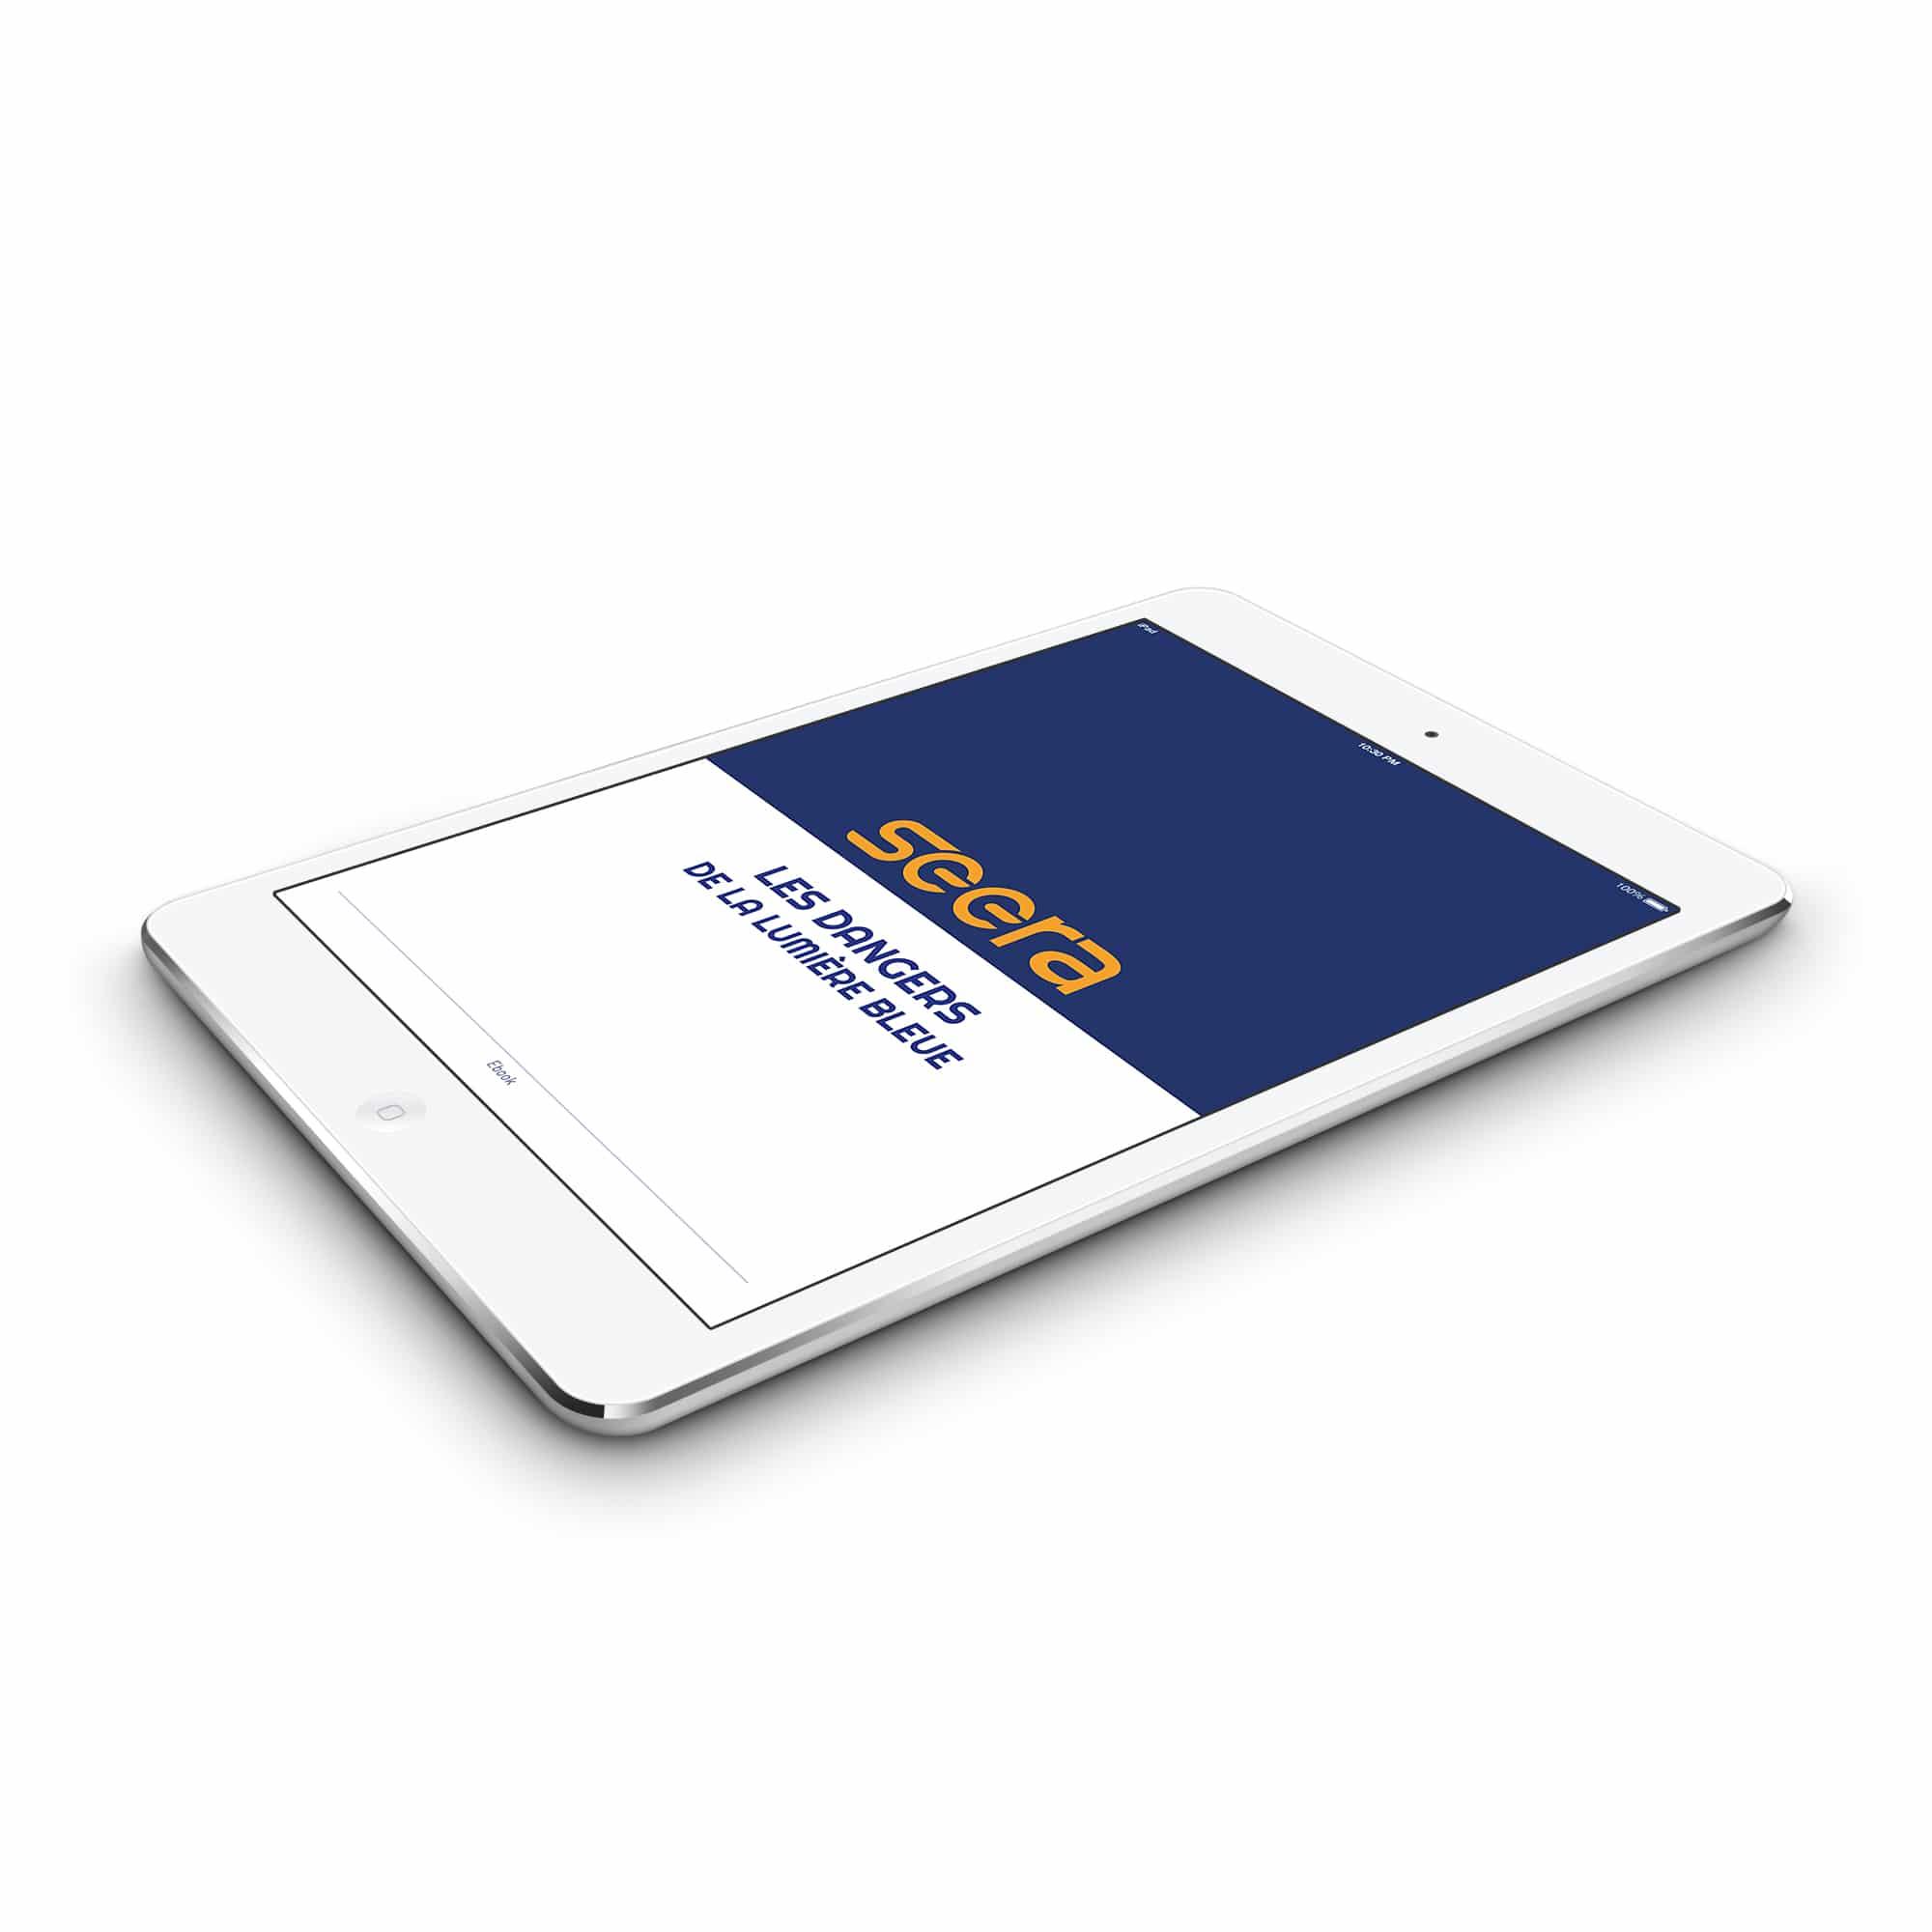 téléchargez l'ebook sur les dangers de la lumière bleue